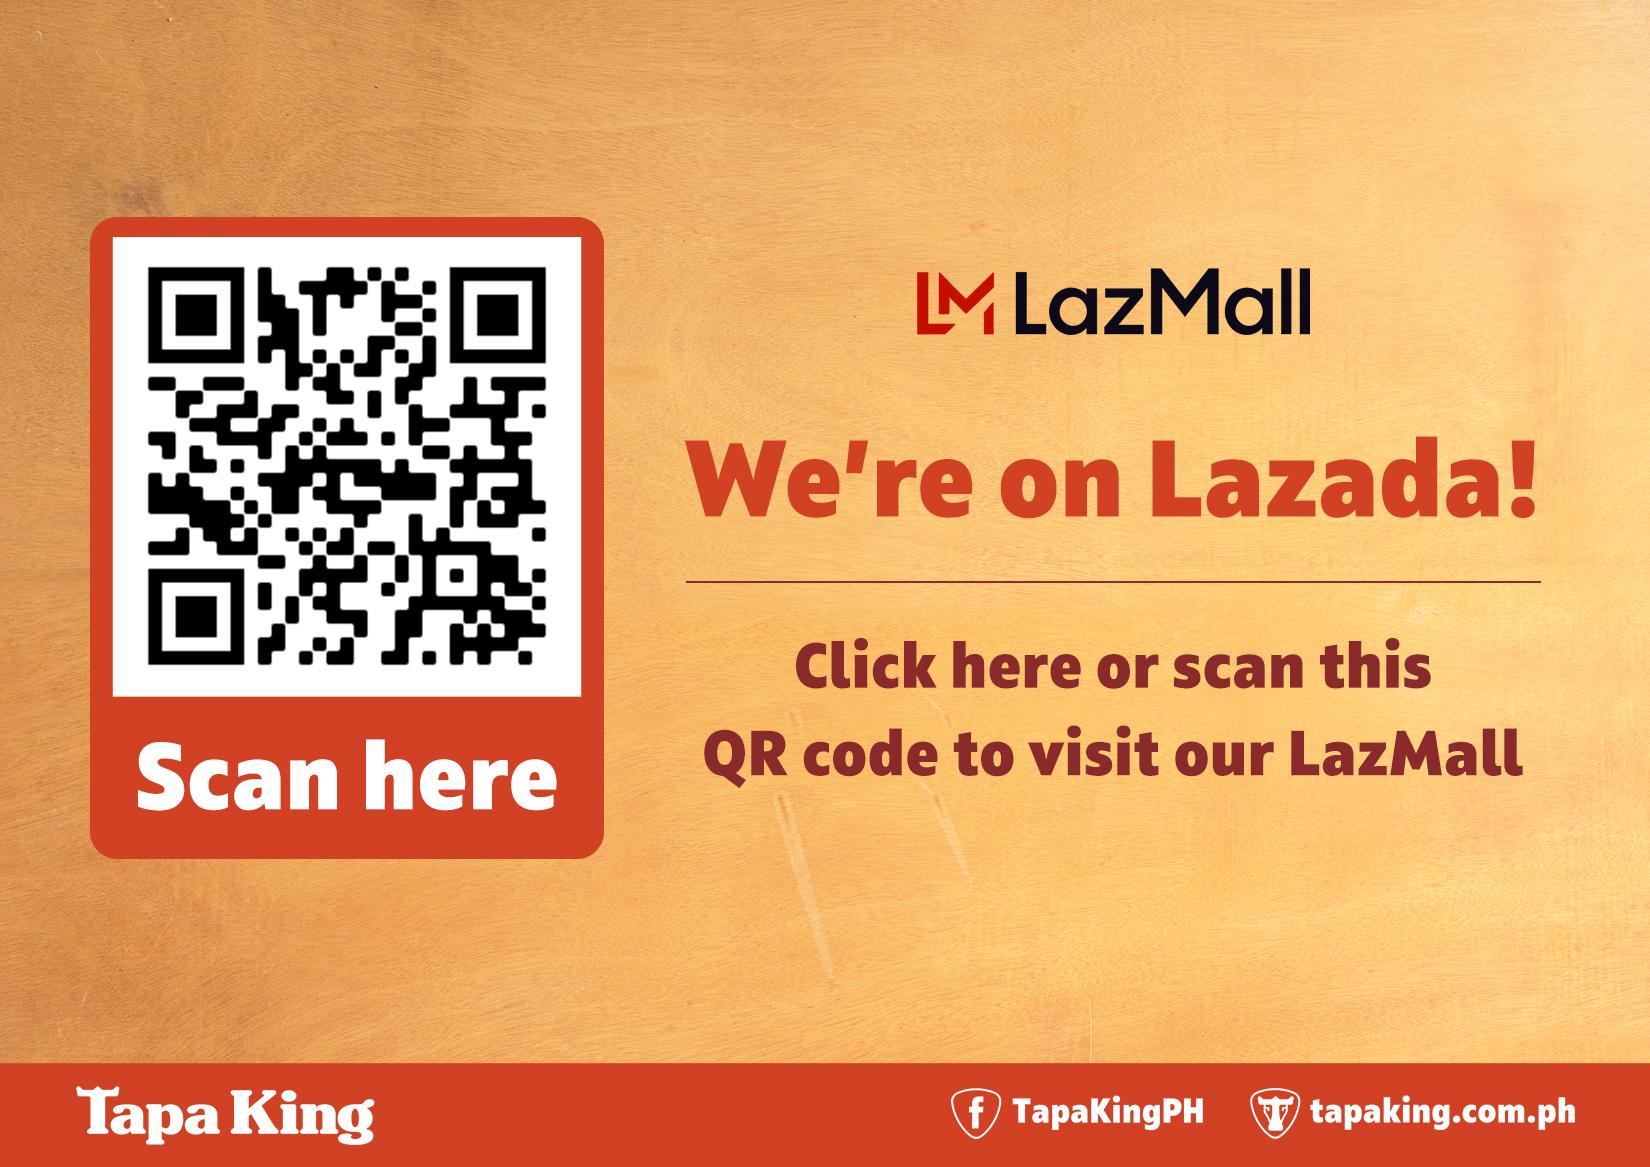 Tapa King on Lazada